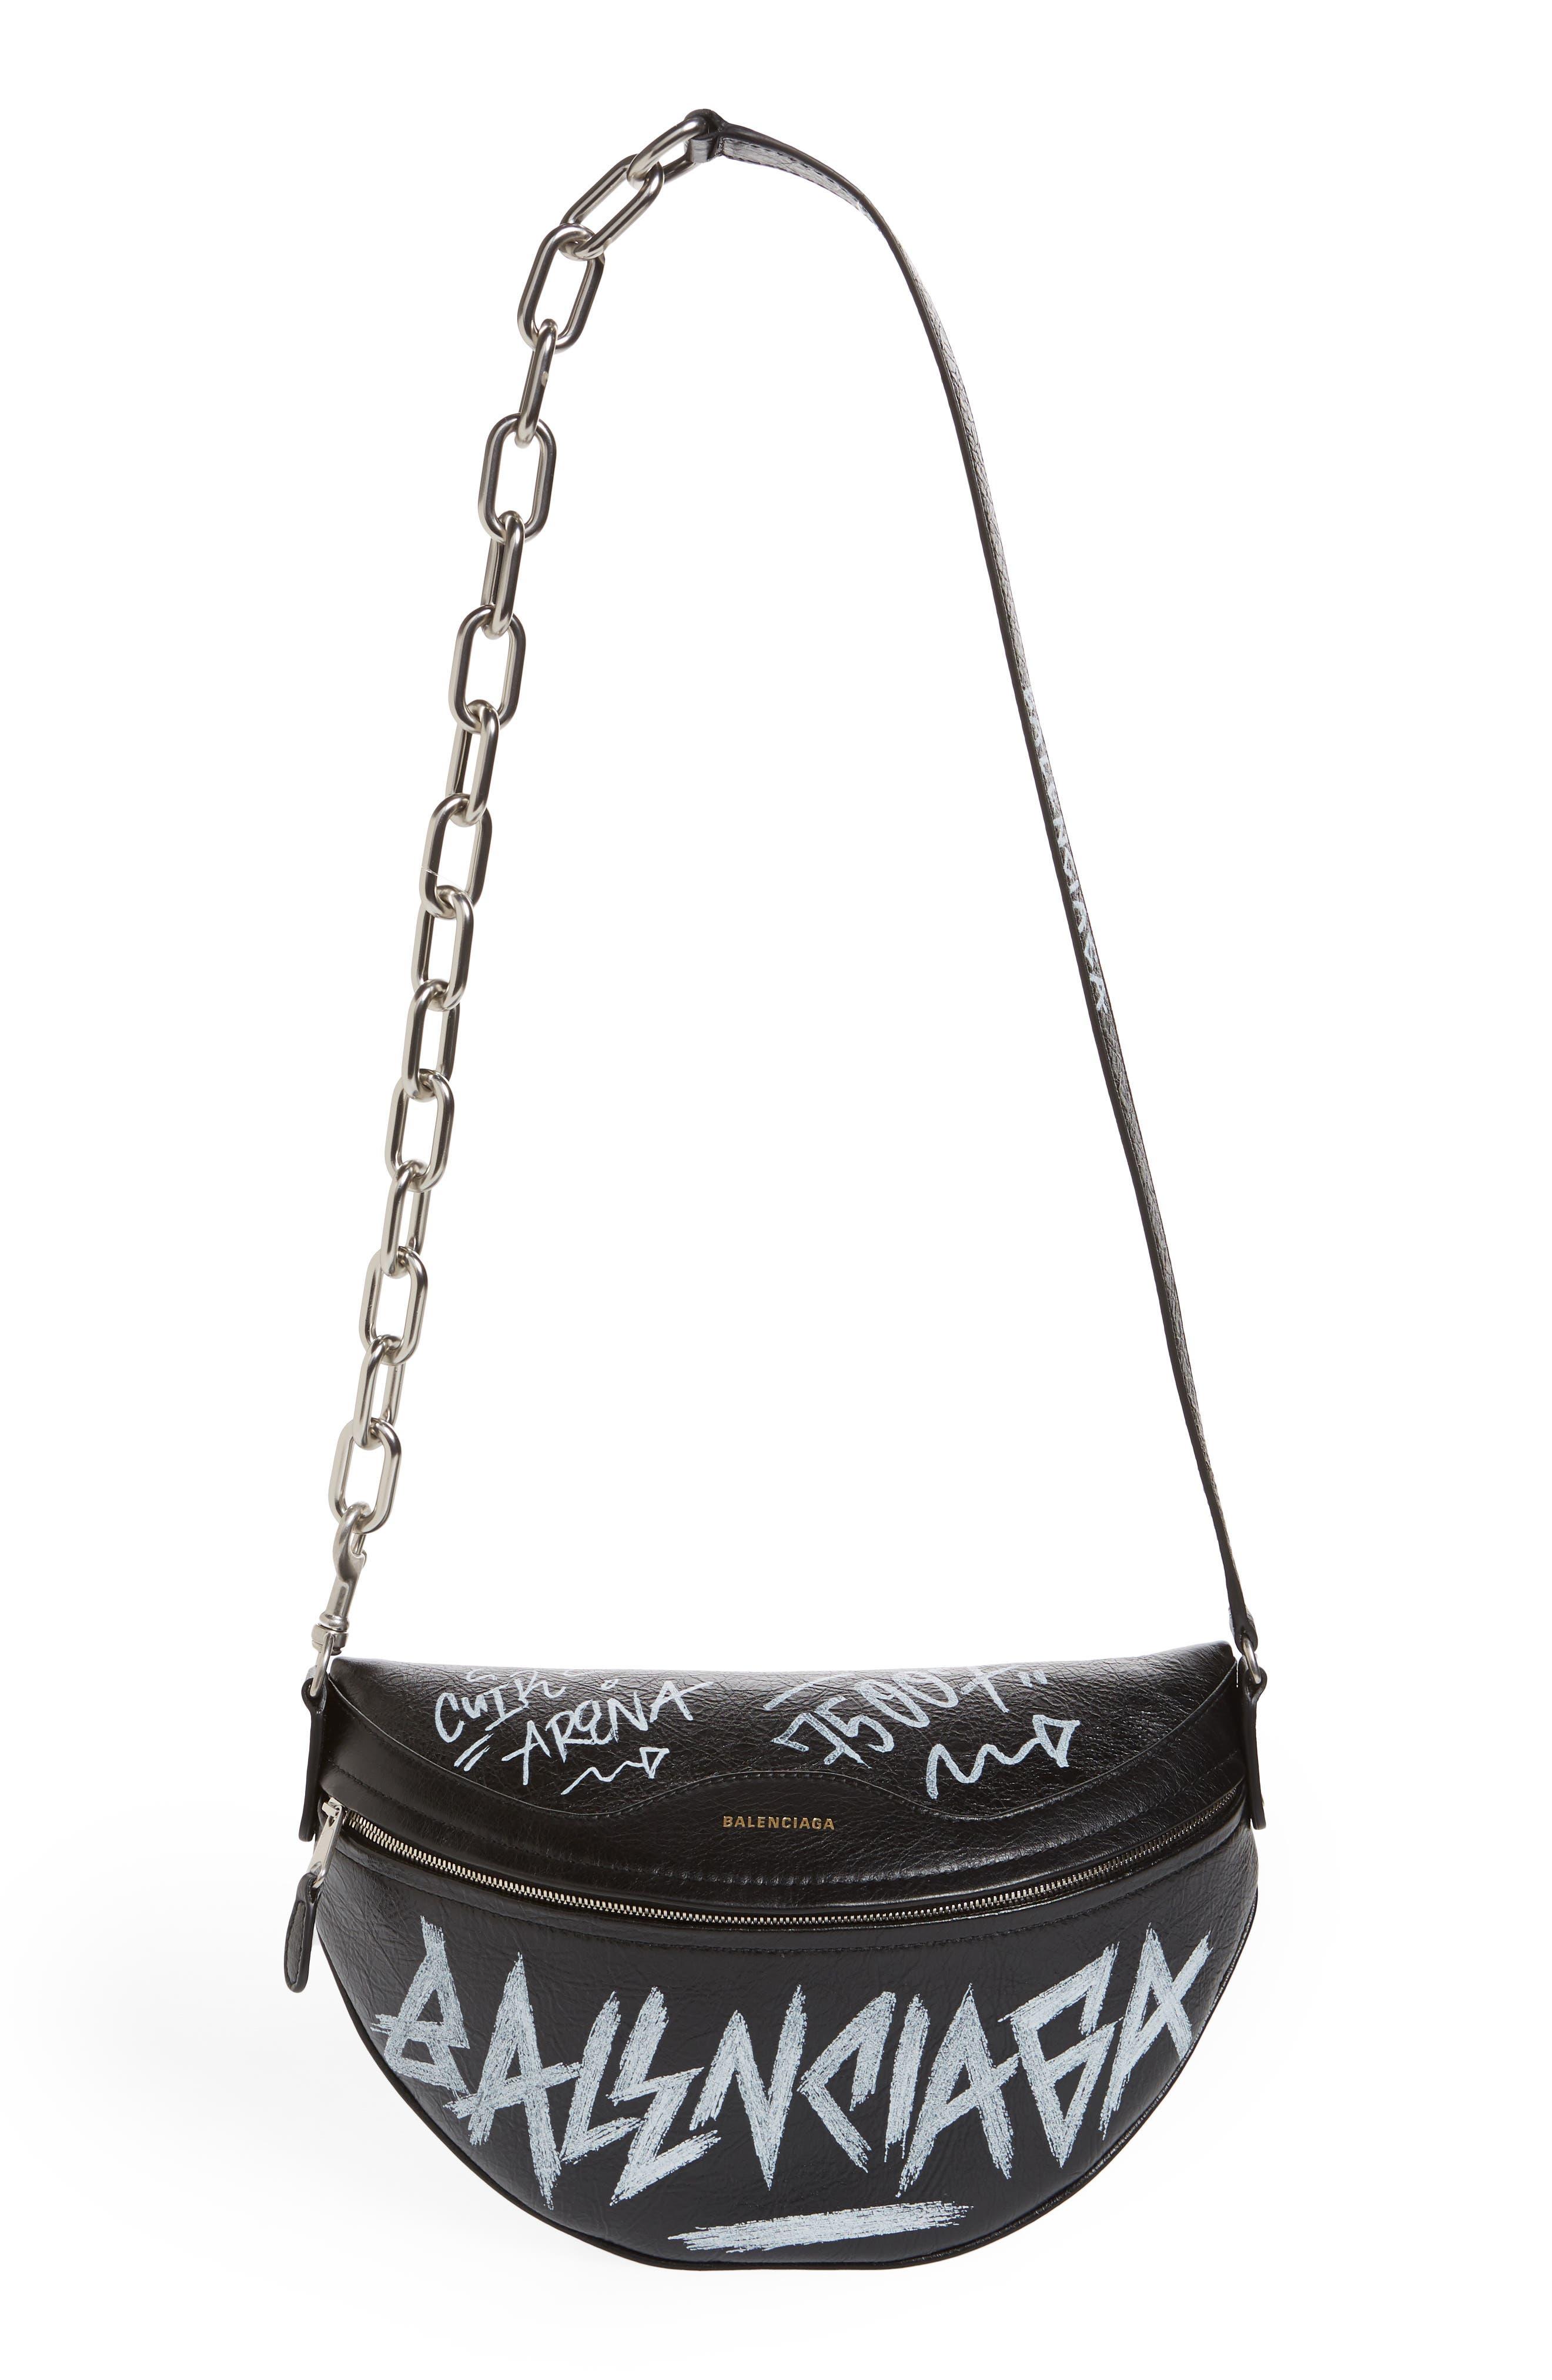 Graffiti Souvenir Leather Belt Bag,                         Main,                         color, NOIR/ BLANC